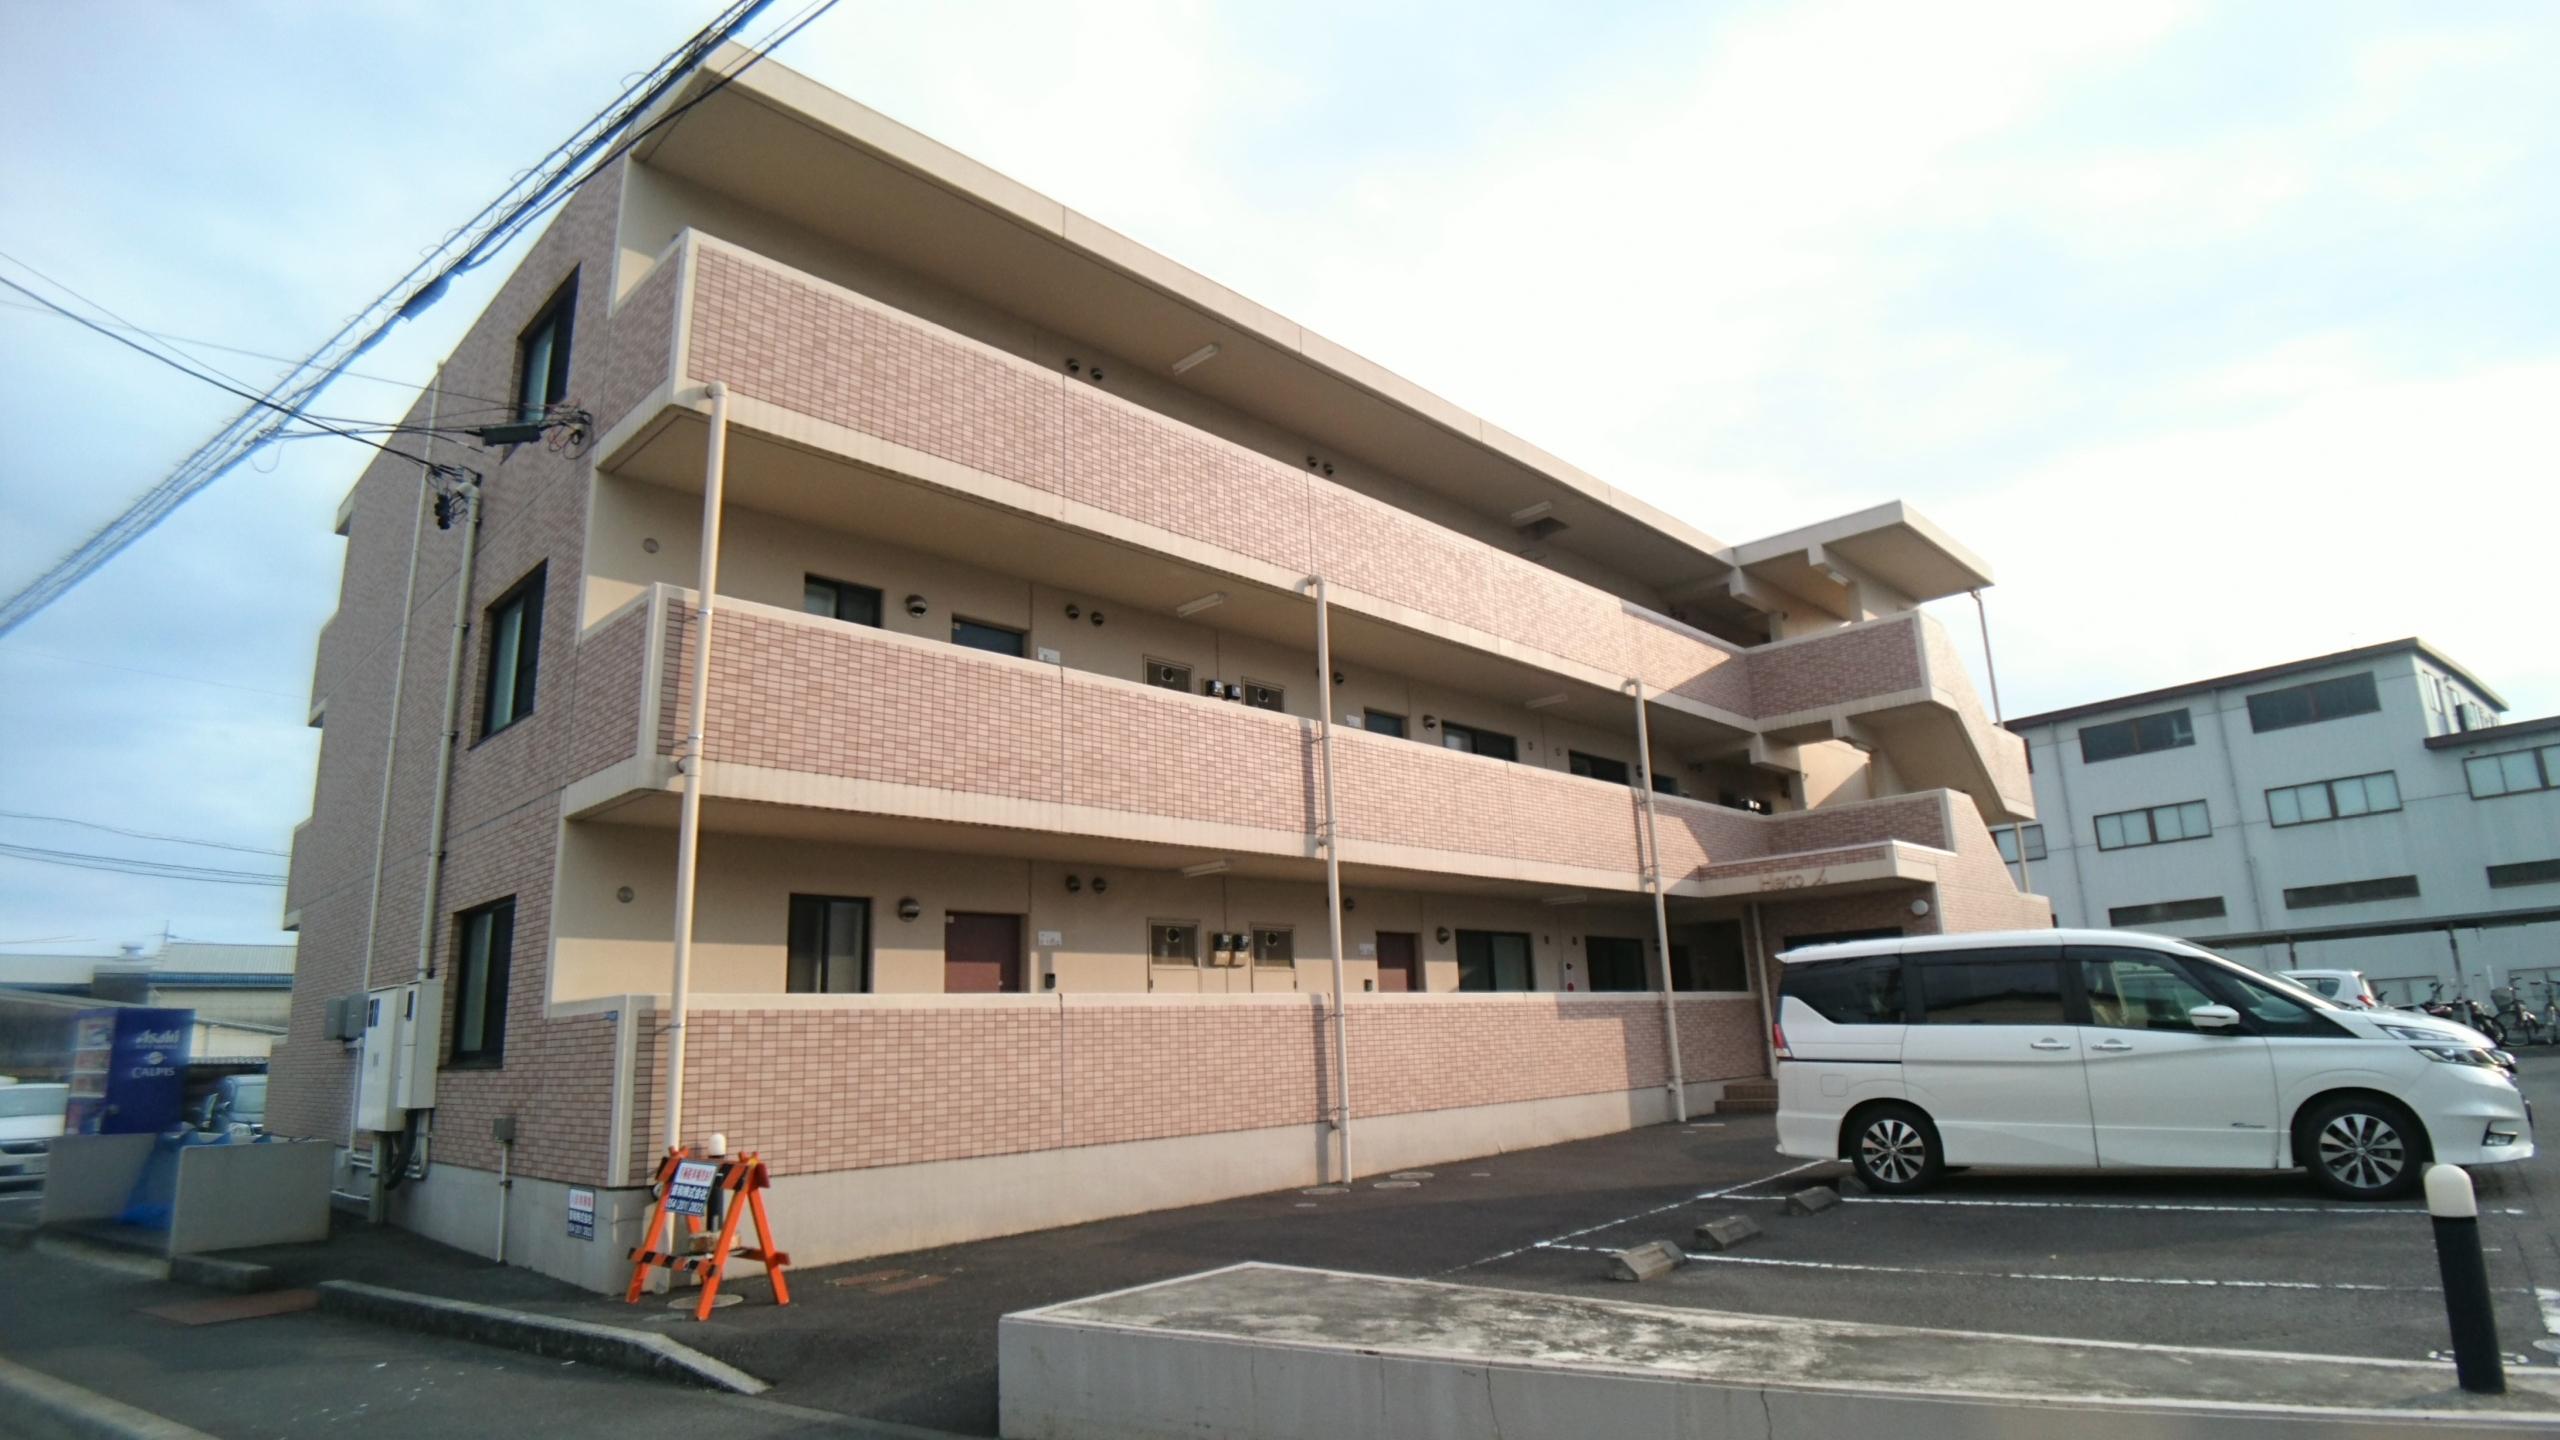 リビングが南に面していて収納もしっかり確保されたお部屋です♪小学校も近いのでファミリーにもオススメです☆